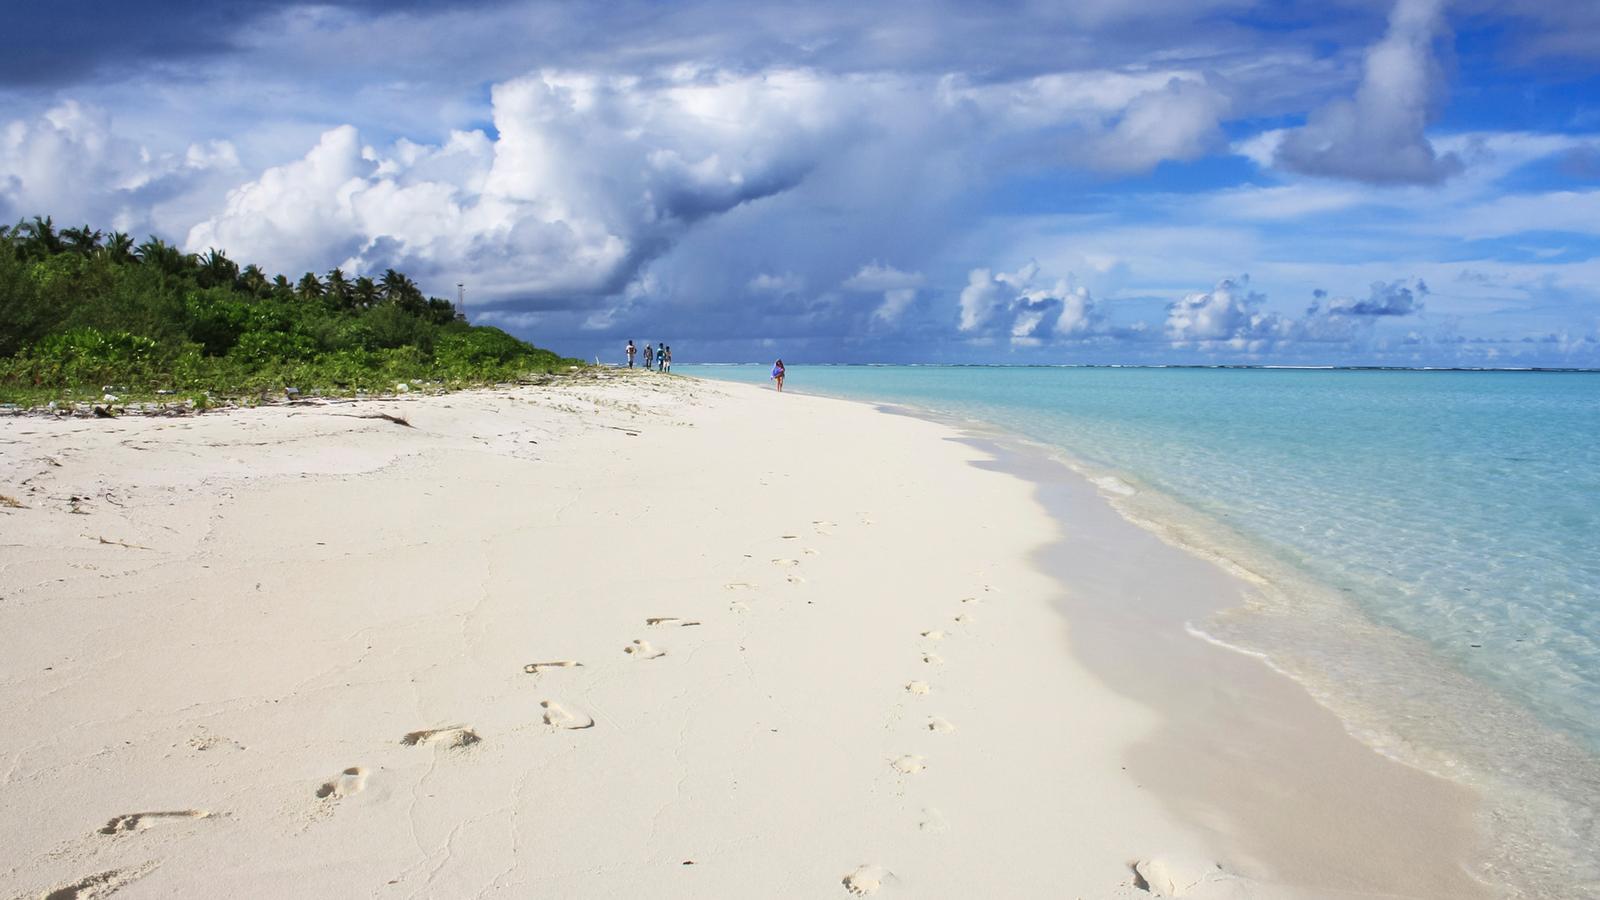 Inselhopping Erlebnis auf den Malediven Urlaub traveljunkies